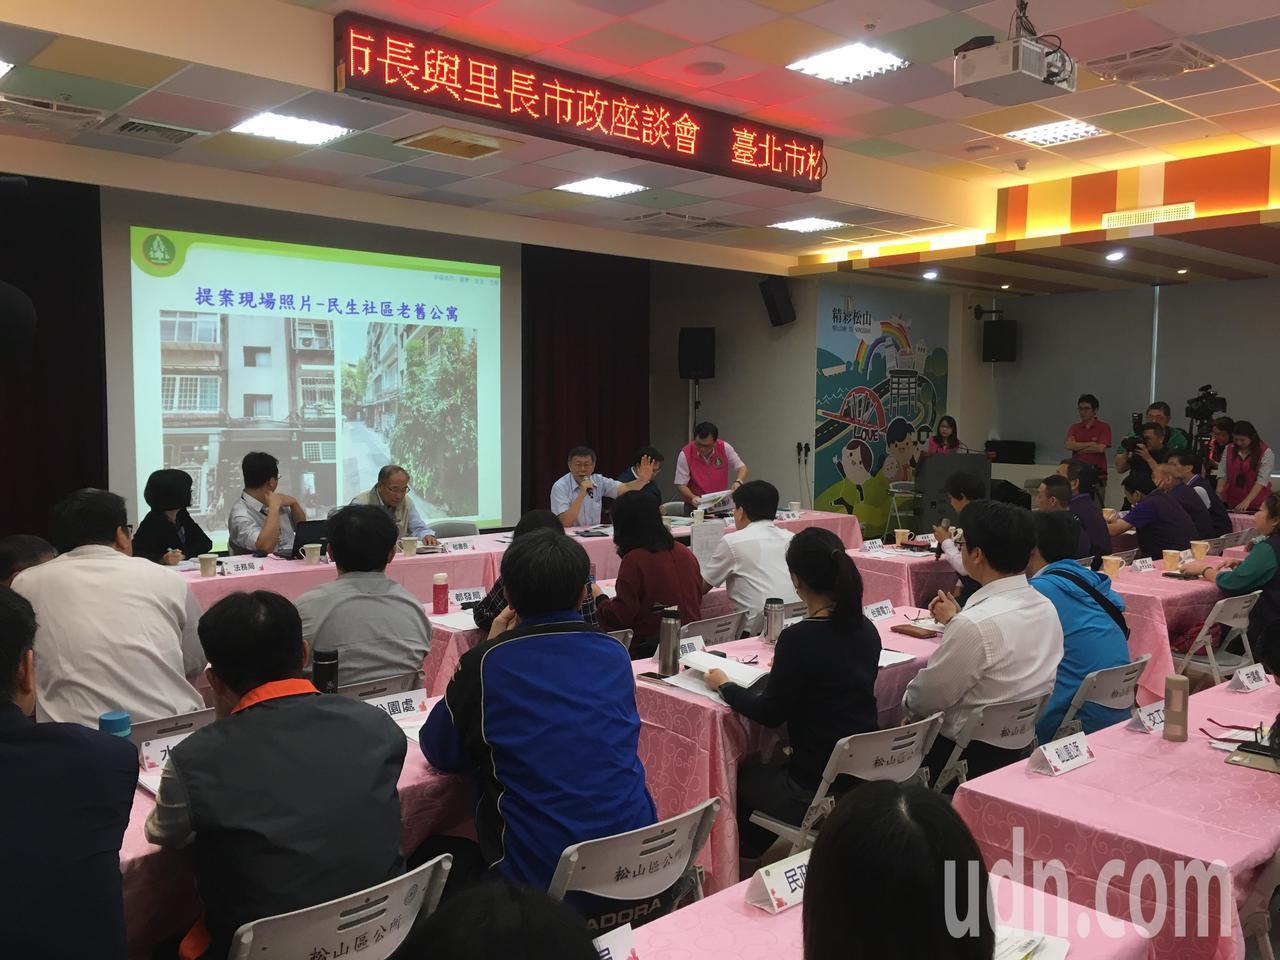 台北市長柯文哲今天上午出席里長座談會。記者張世杰/攝影